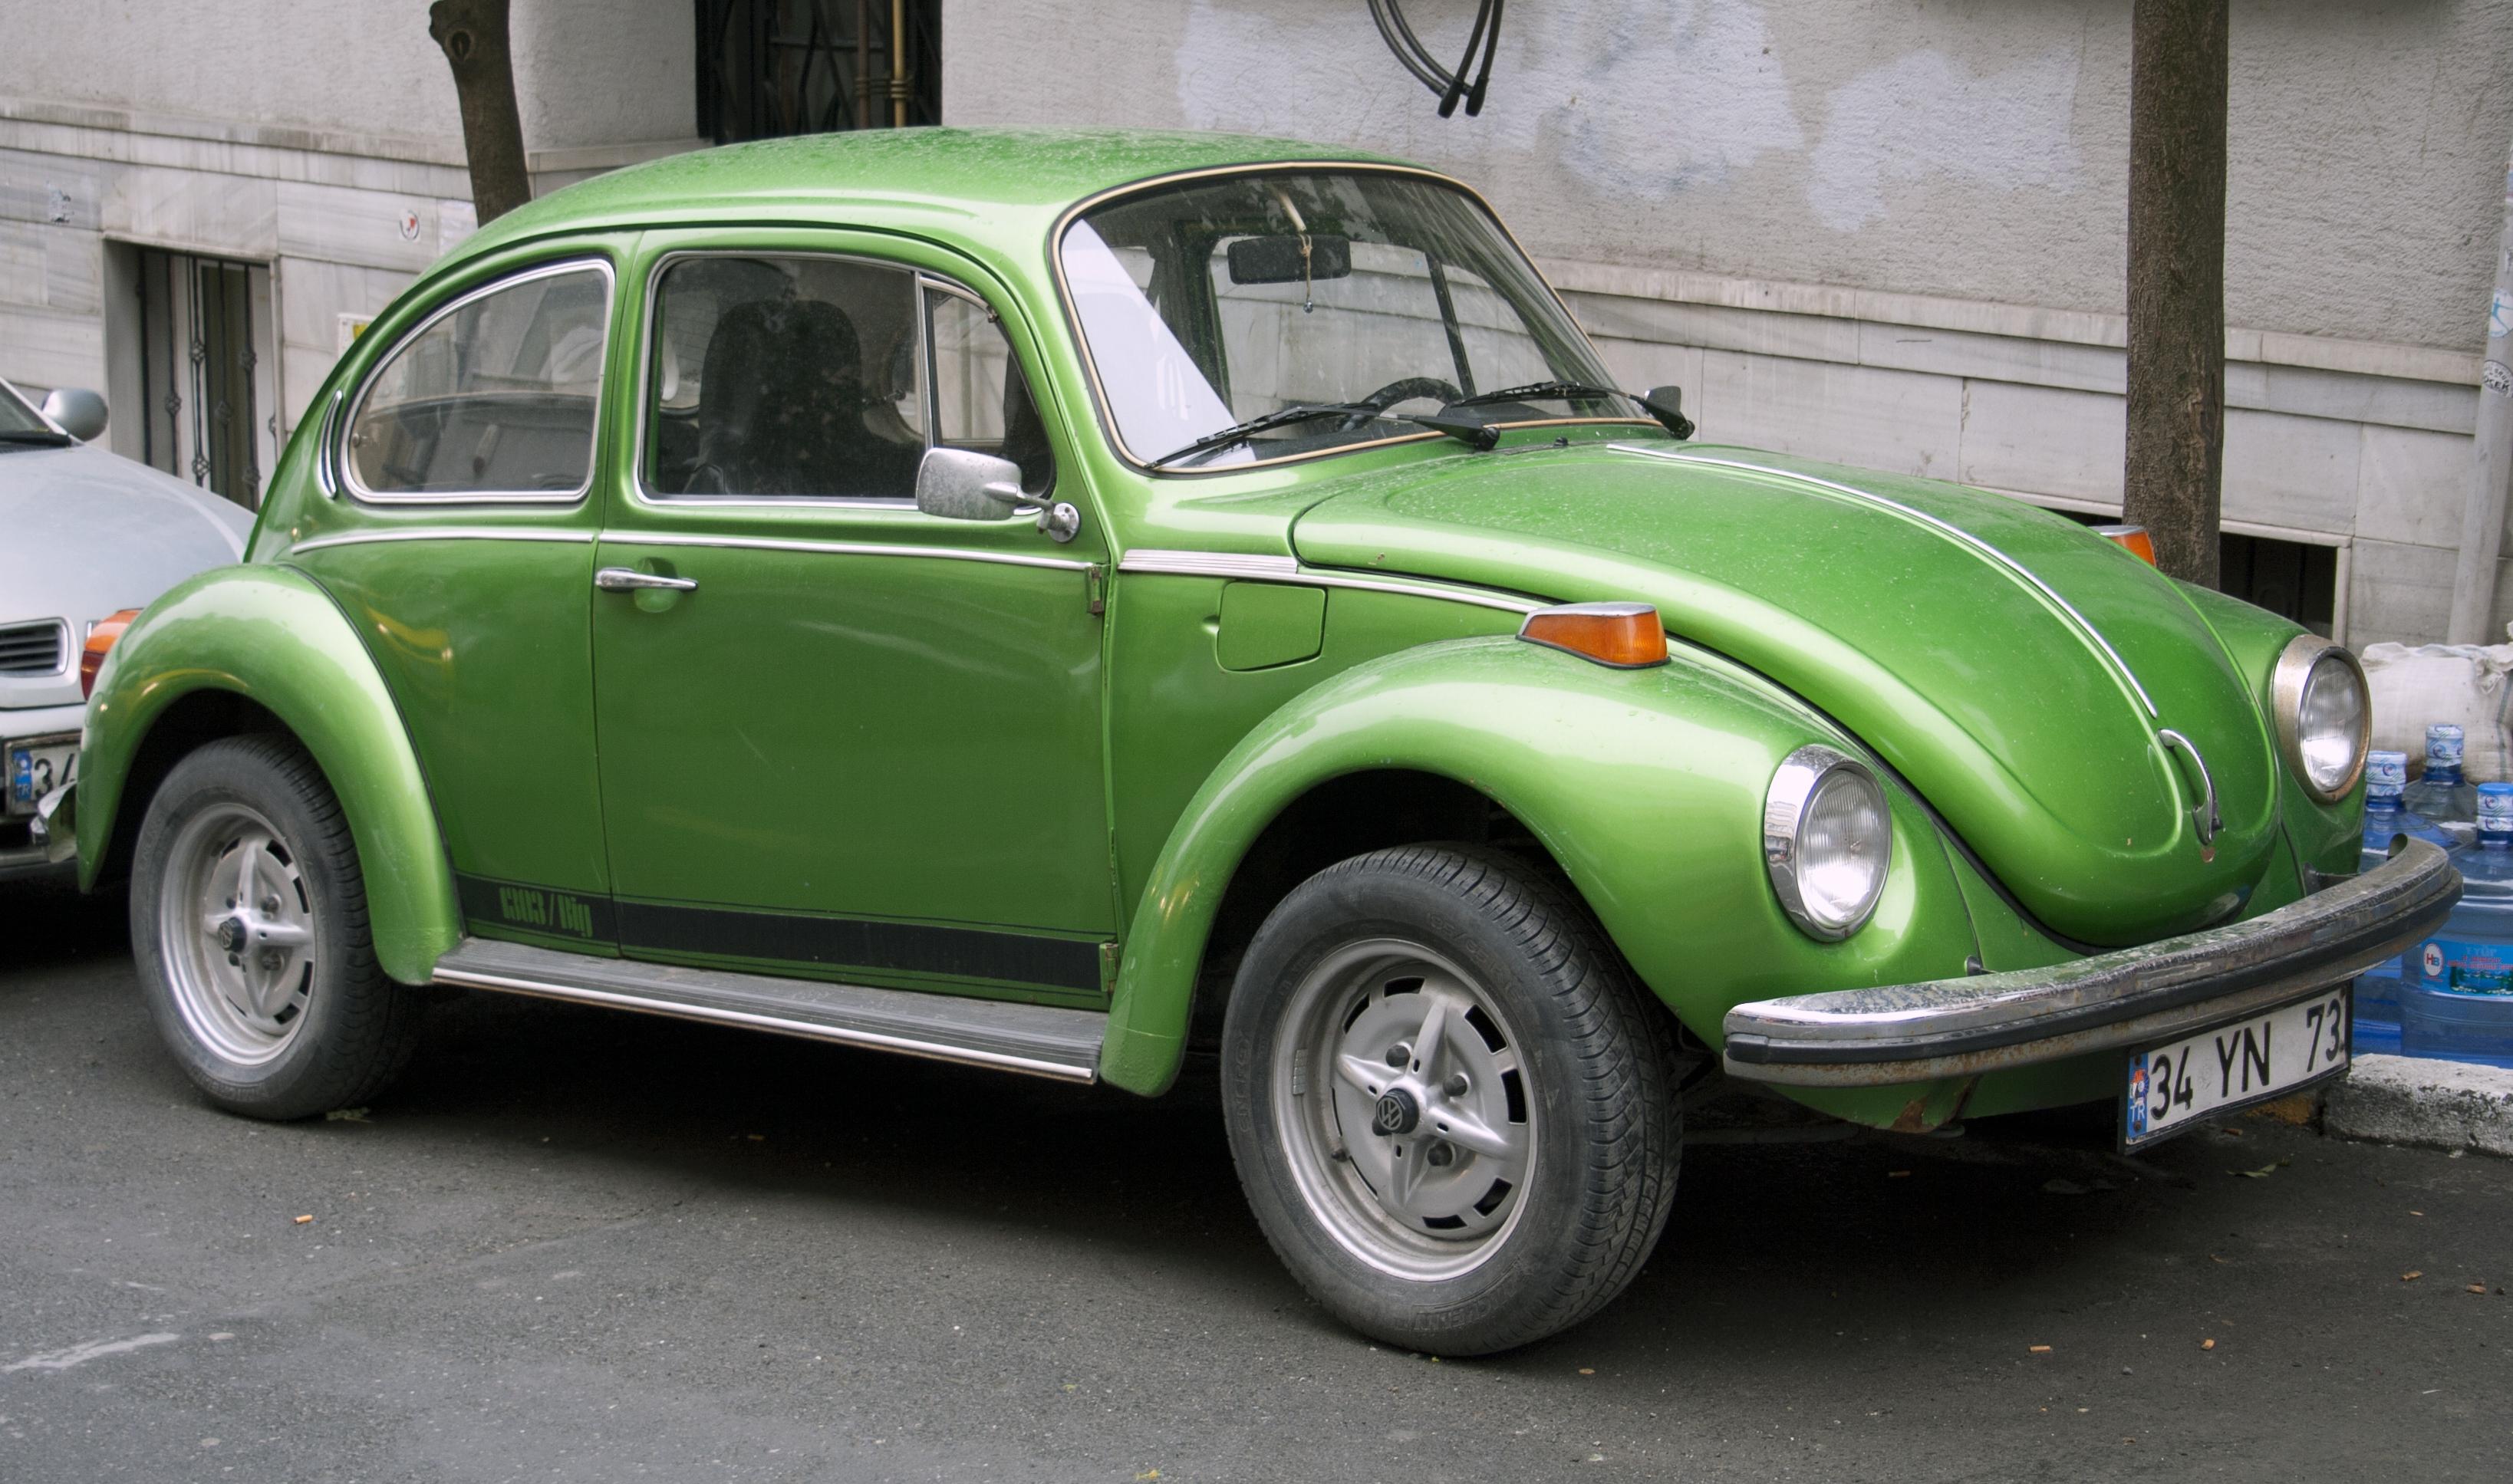 Volkswagen Beetle Wallpaper For Computer